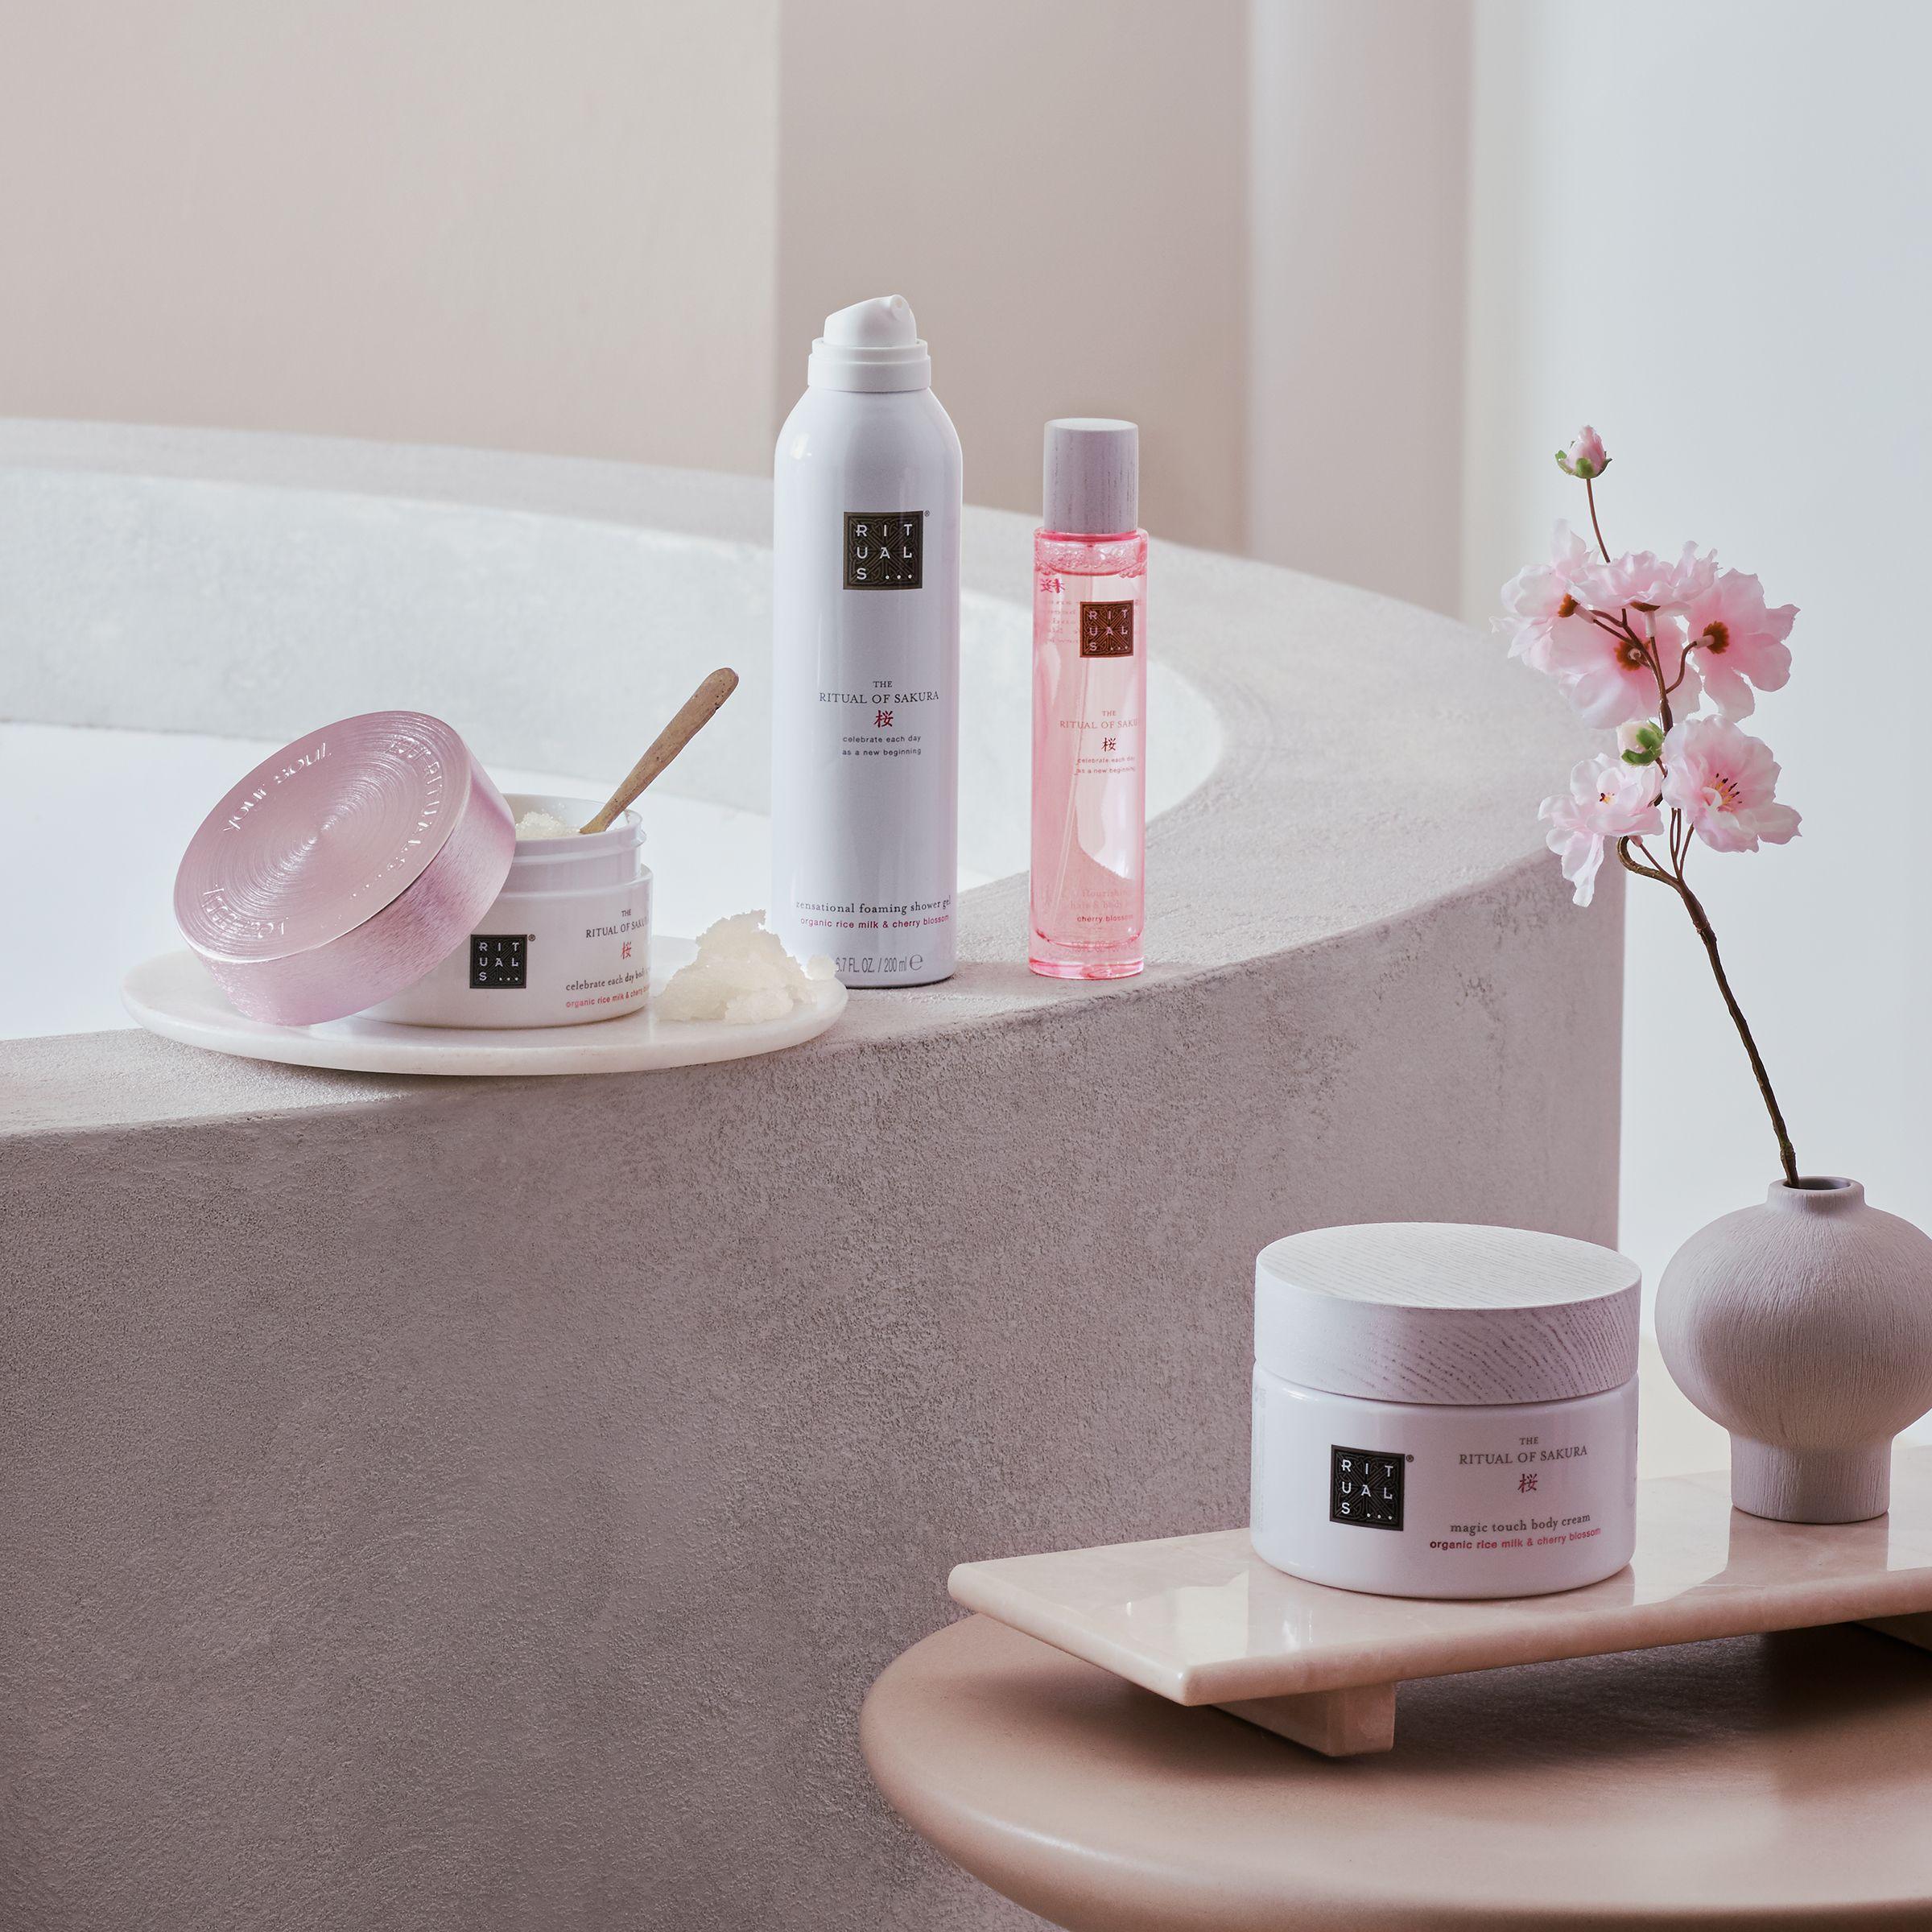 Rituals Bath and Body